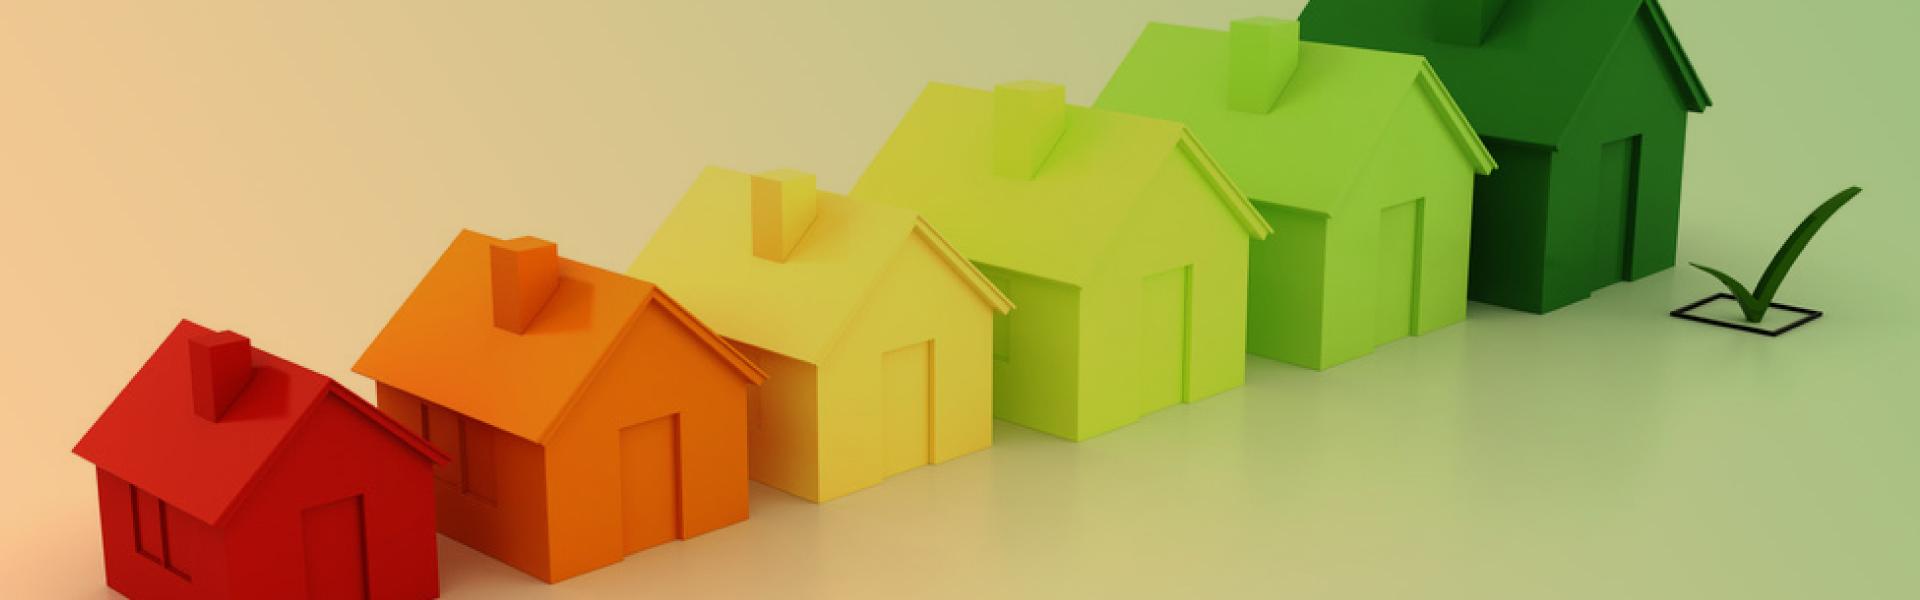 Illustration zum Thema Energieeffizienz. Häuser in verschiedenen Farben.